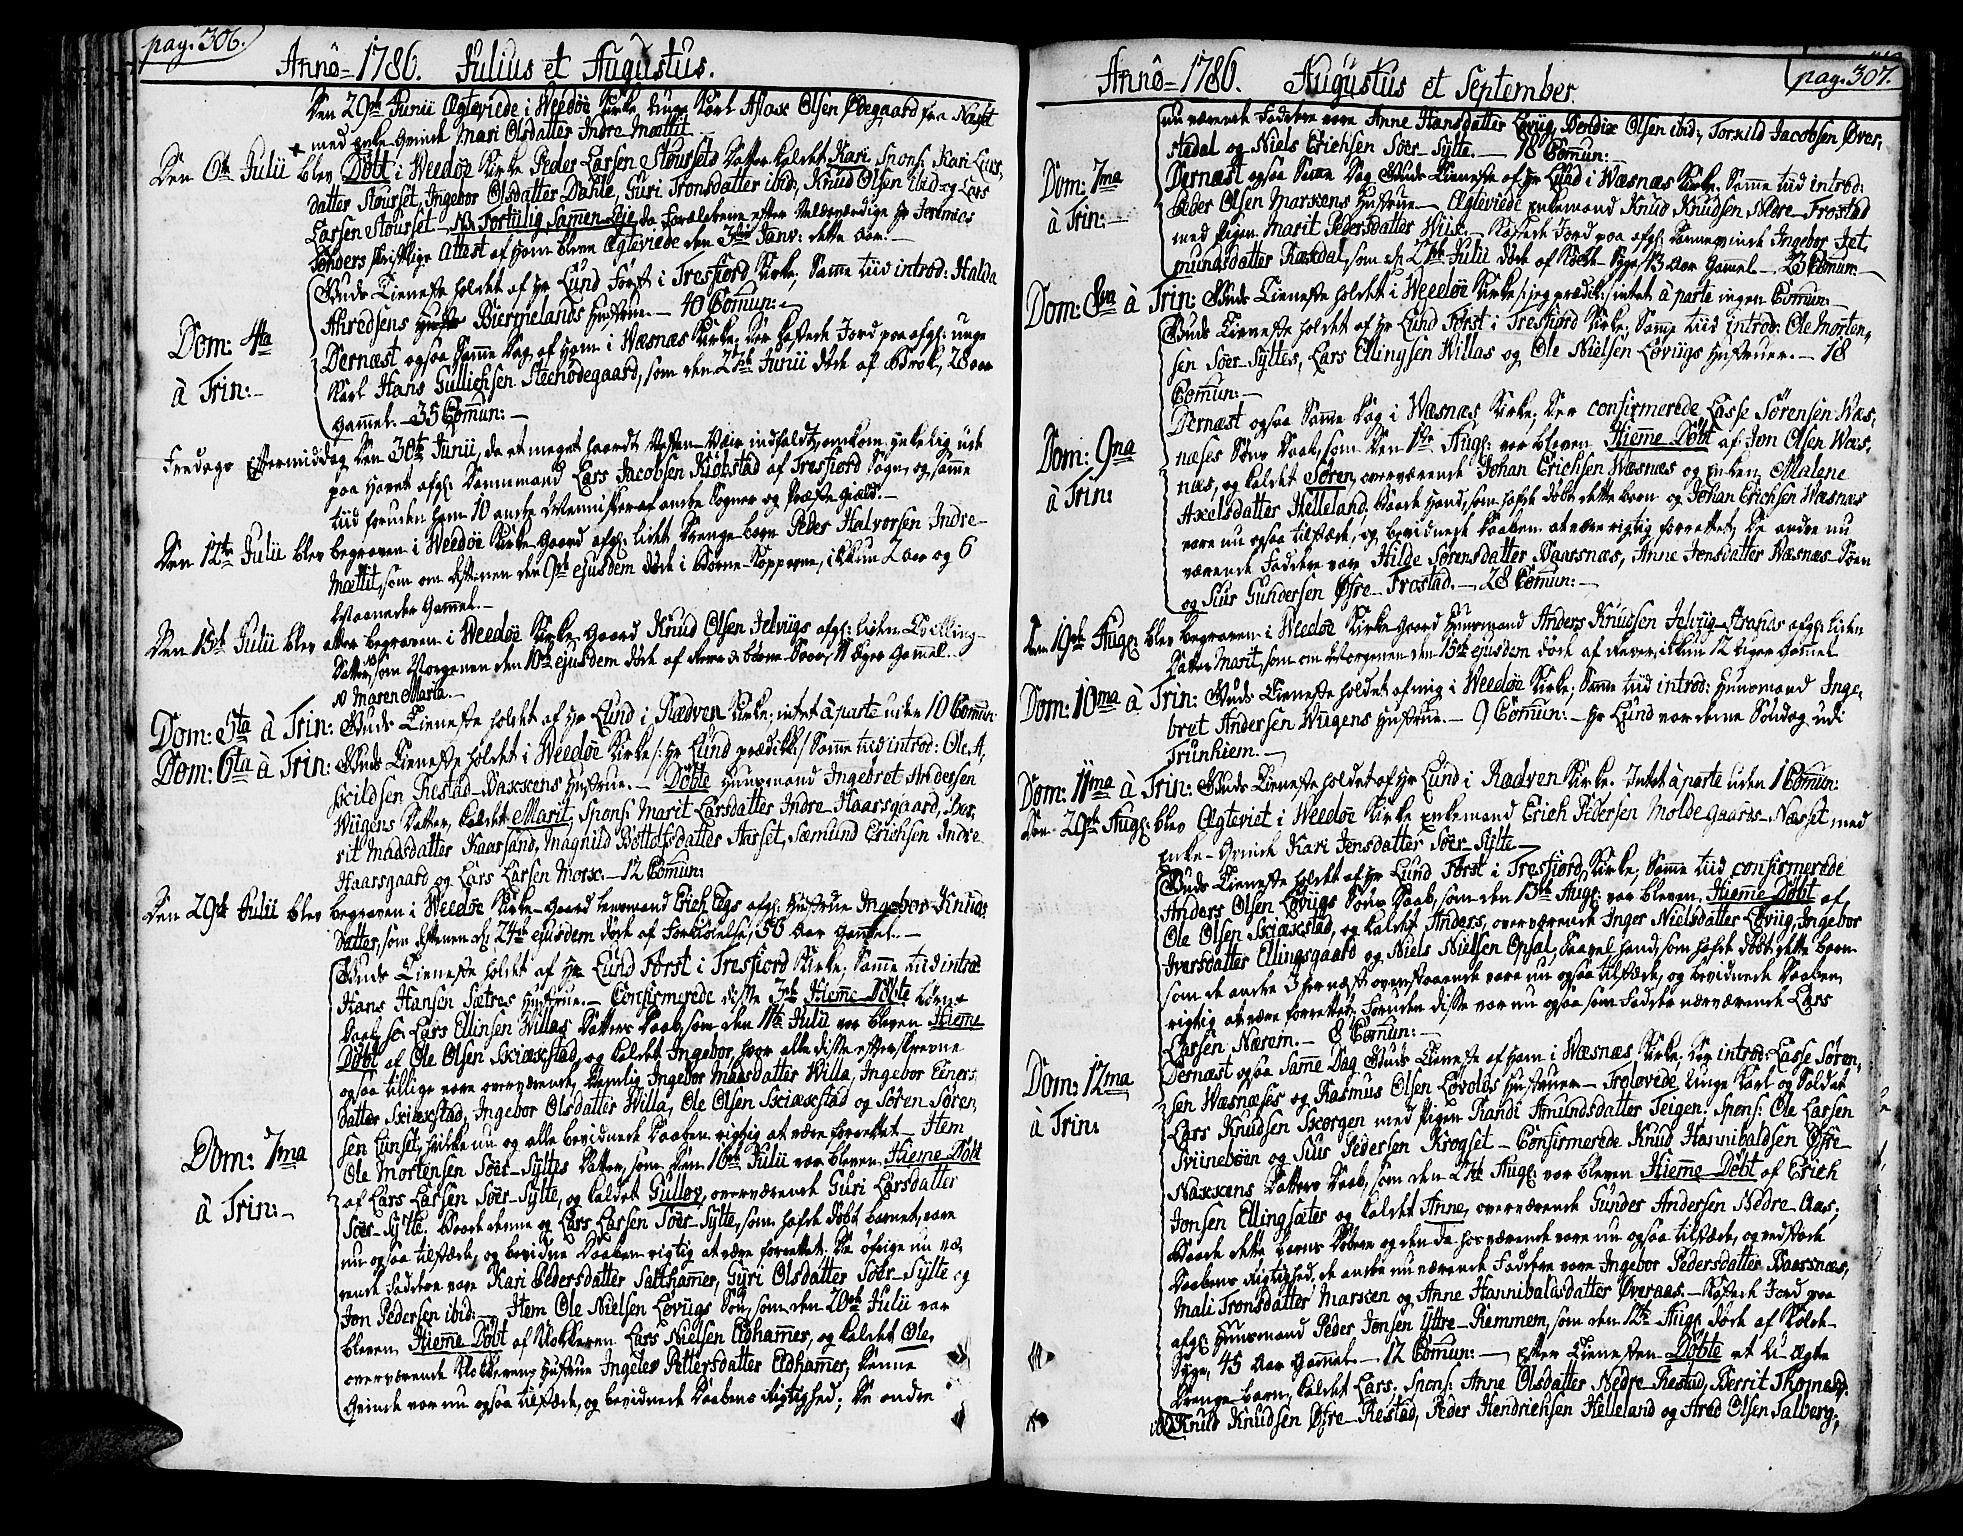 SAT, Ministerialprotokoller, klokkerbøker og fødselsregistre - Møre og Romsdal, 547/L0600: Parish register (official) no. 547A02, 1765-1799, p. 306-307